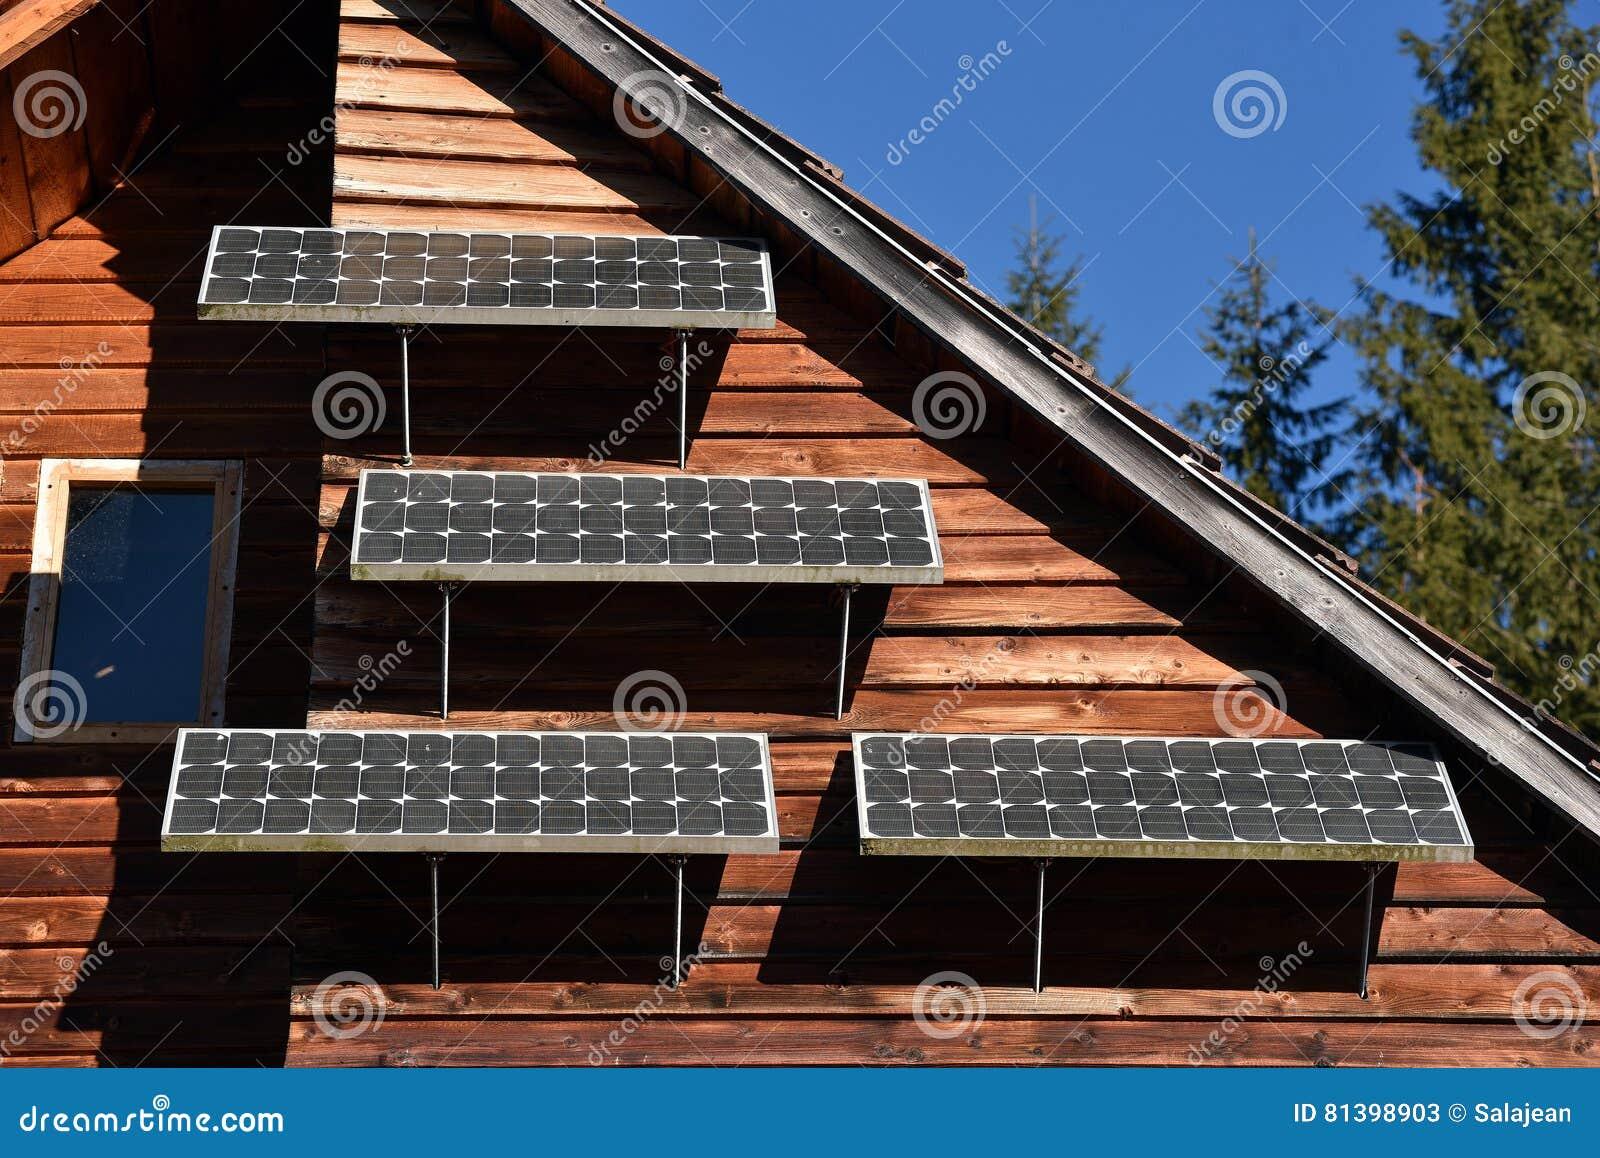 Pannello solare su una casa di legno fotografia stock - Casa in legno su lastrico solare ...